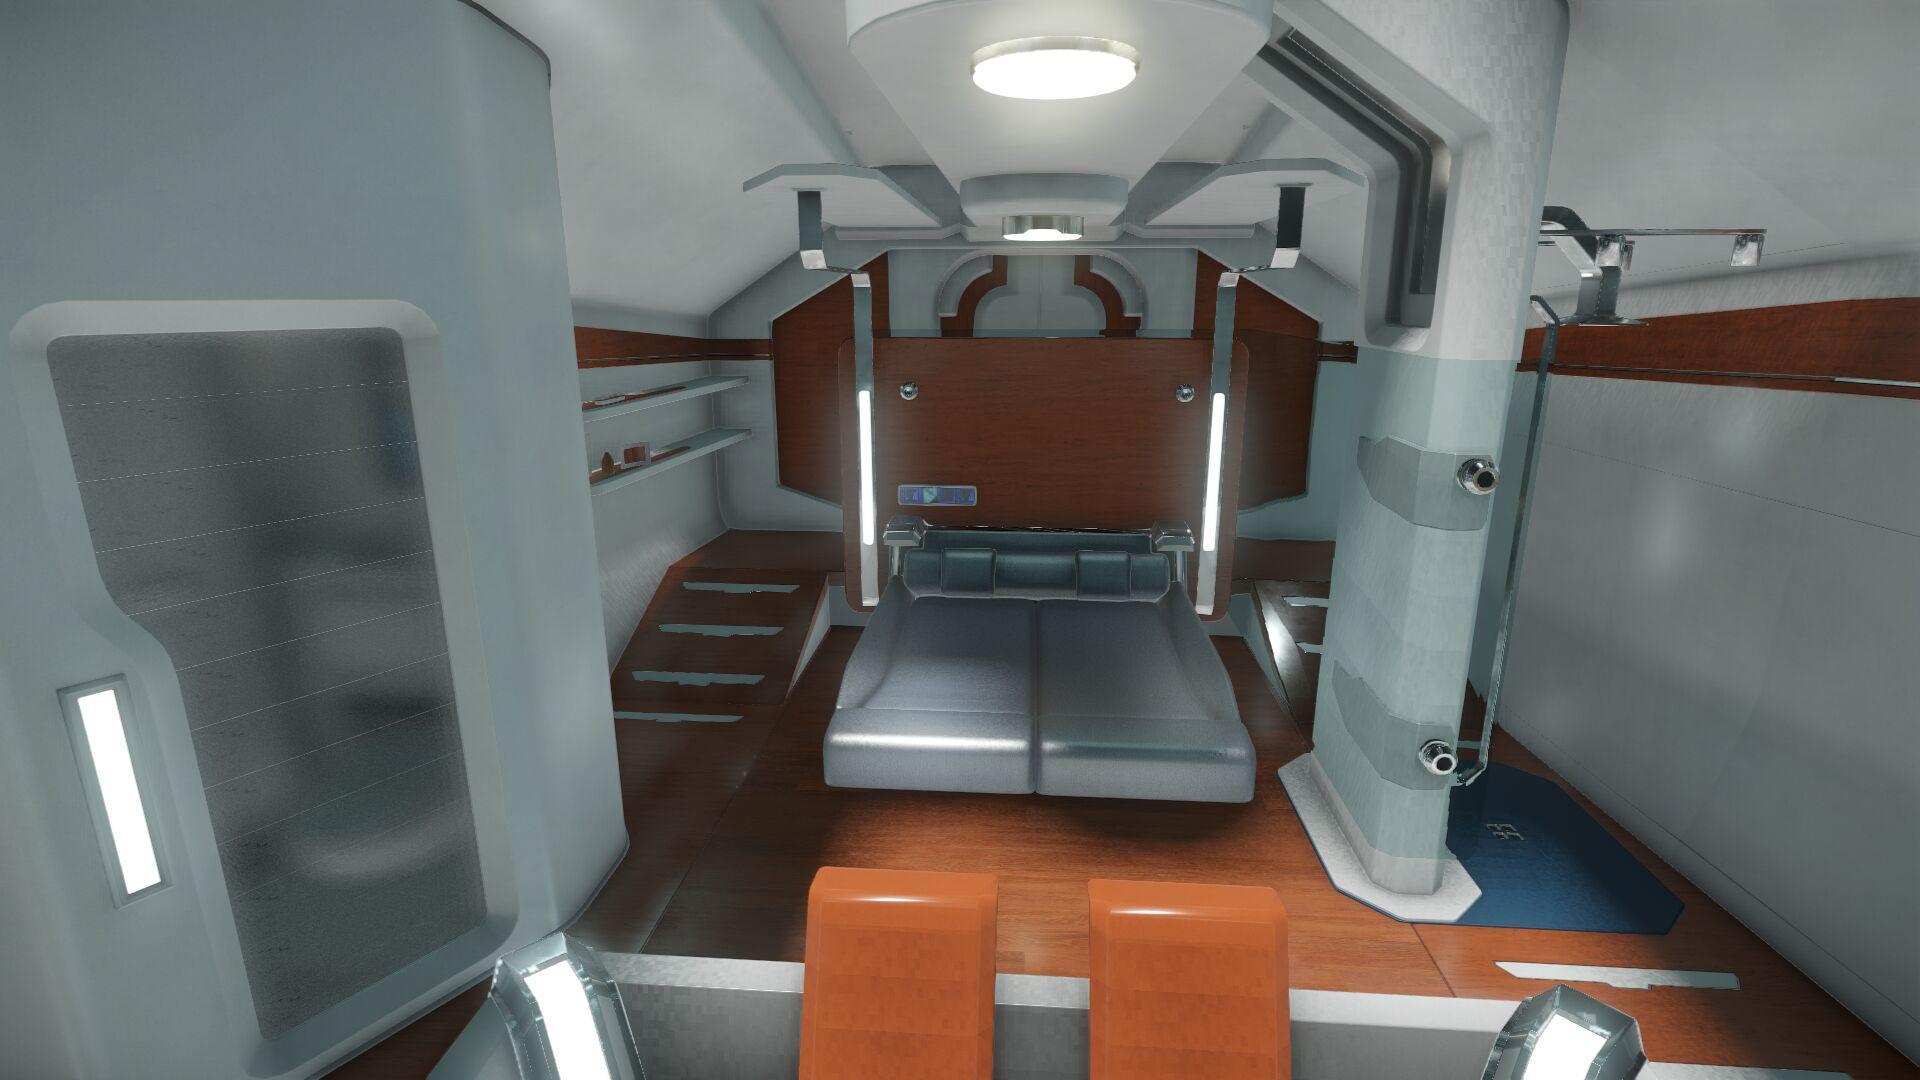 Wygląd wnętrza - główny pokład - sekcja dla gości - łóżko